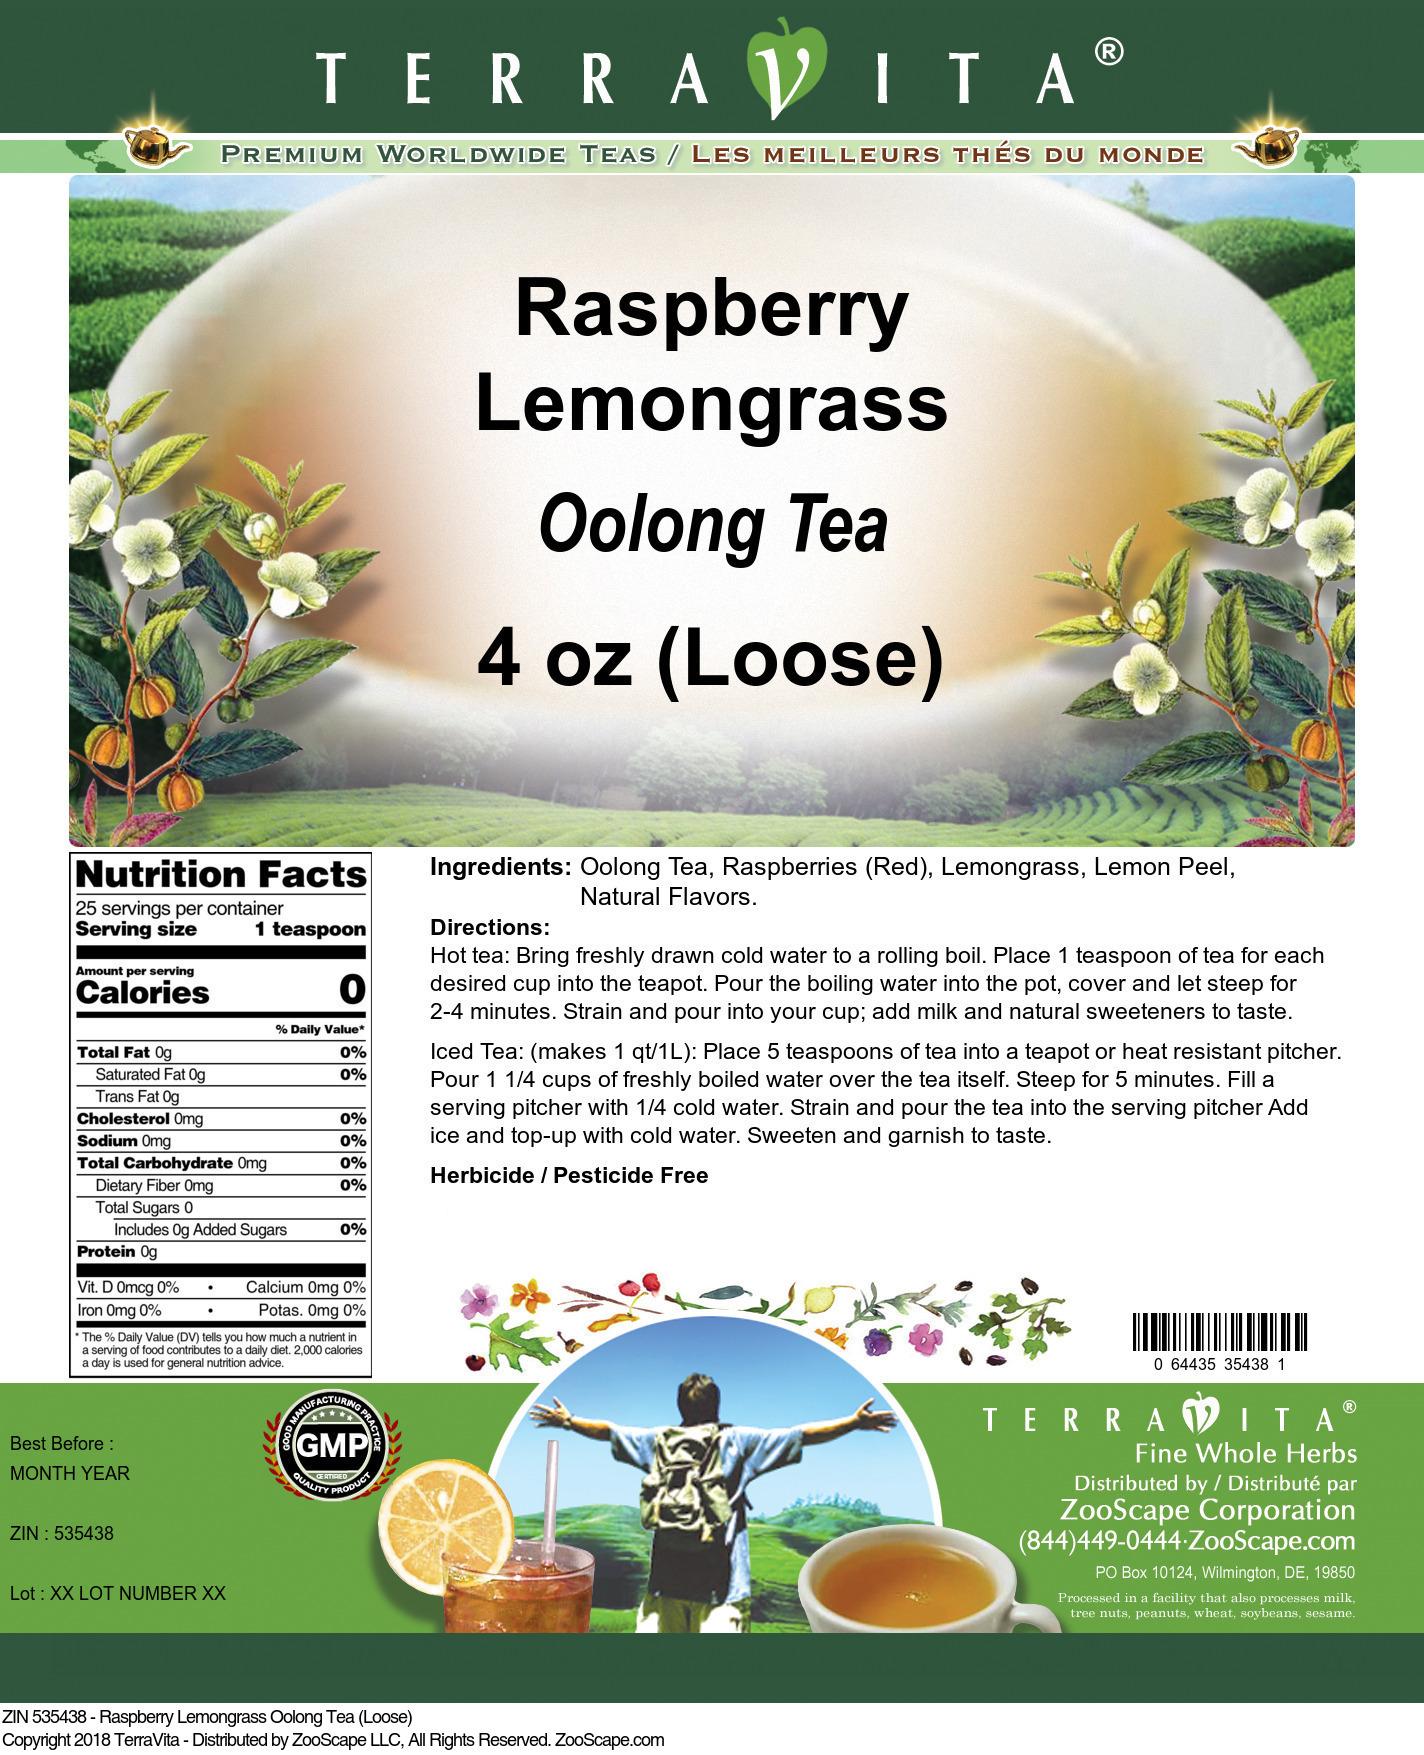 Raspberry Lemongrass Oolong Tea (Loose)